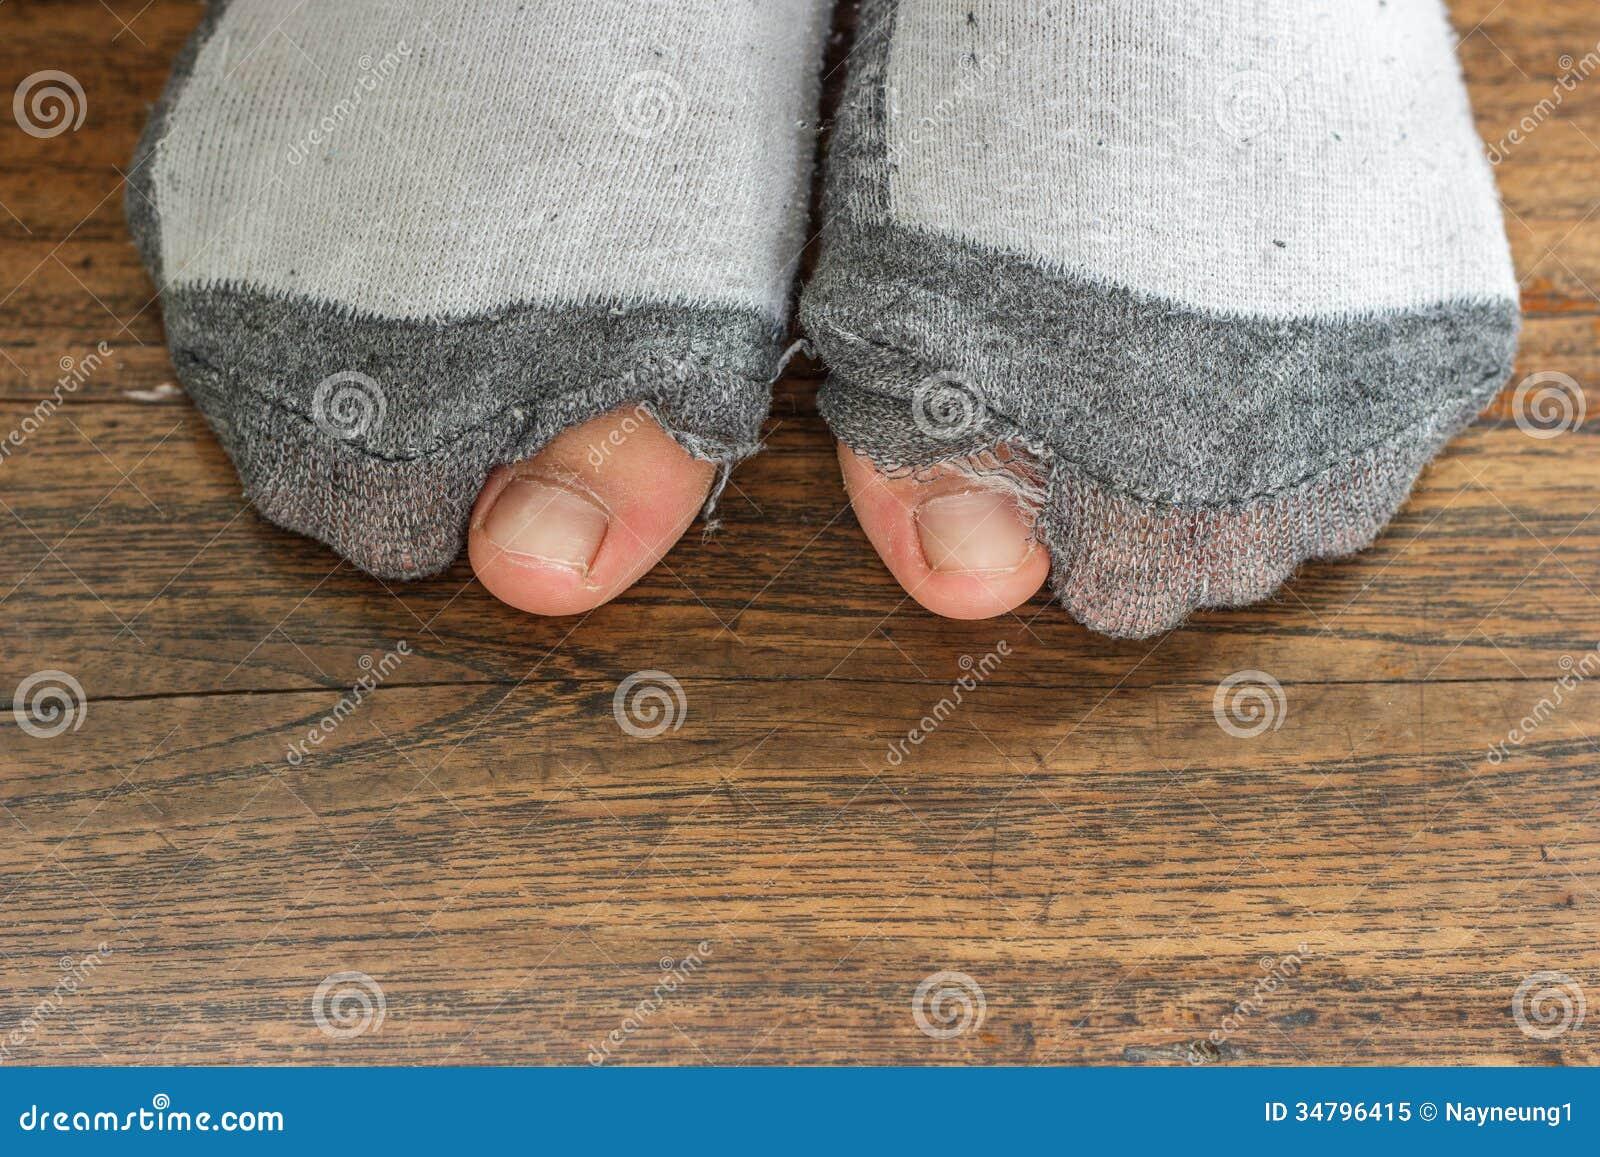 Portées chaussettes avec un trou et des orteils.